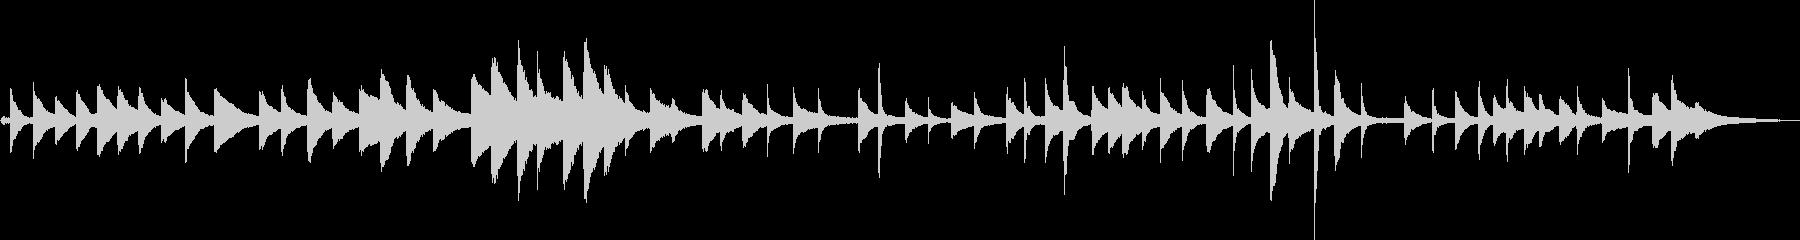 得体の知れない恐怖(ピアノ)の未再生の波形